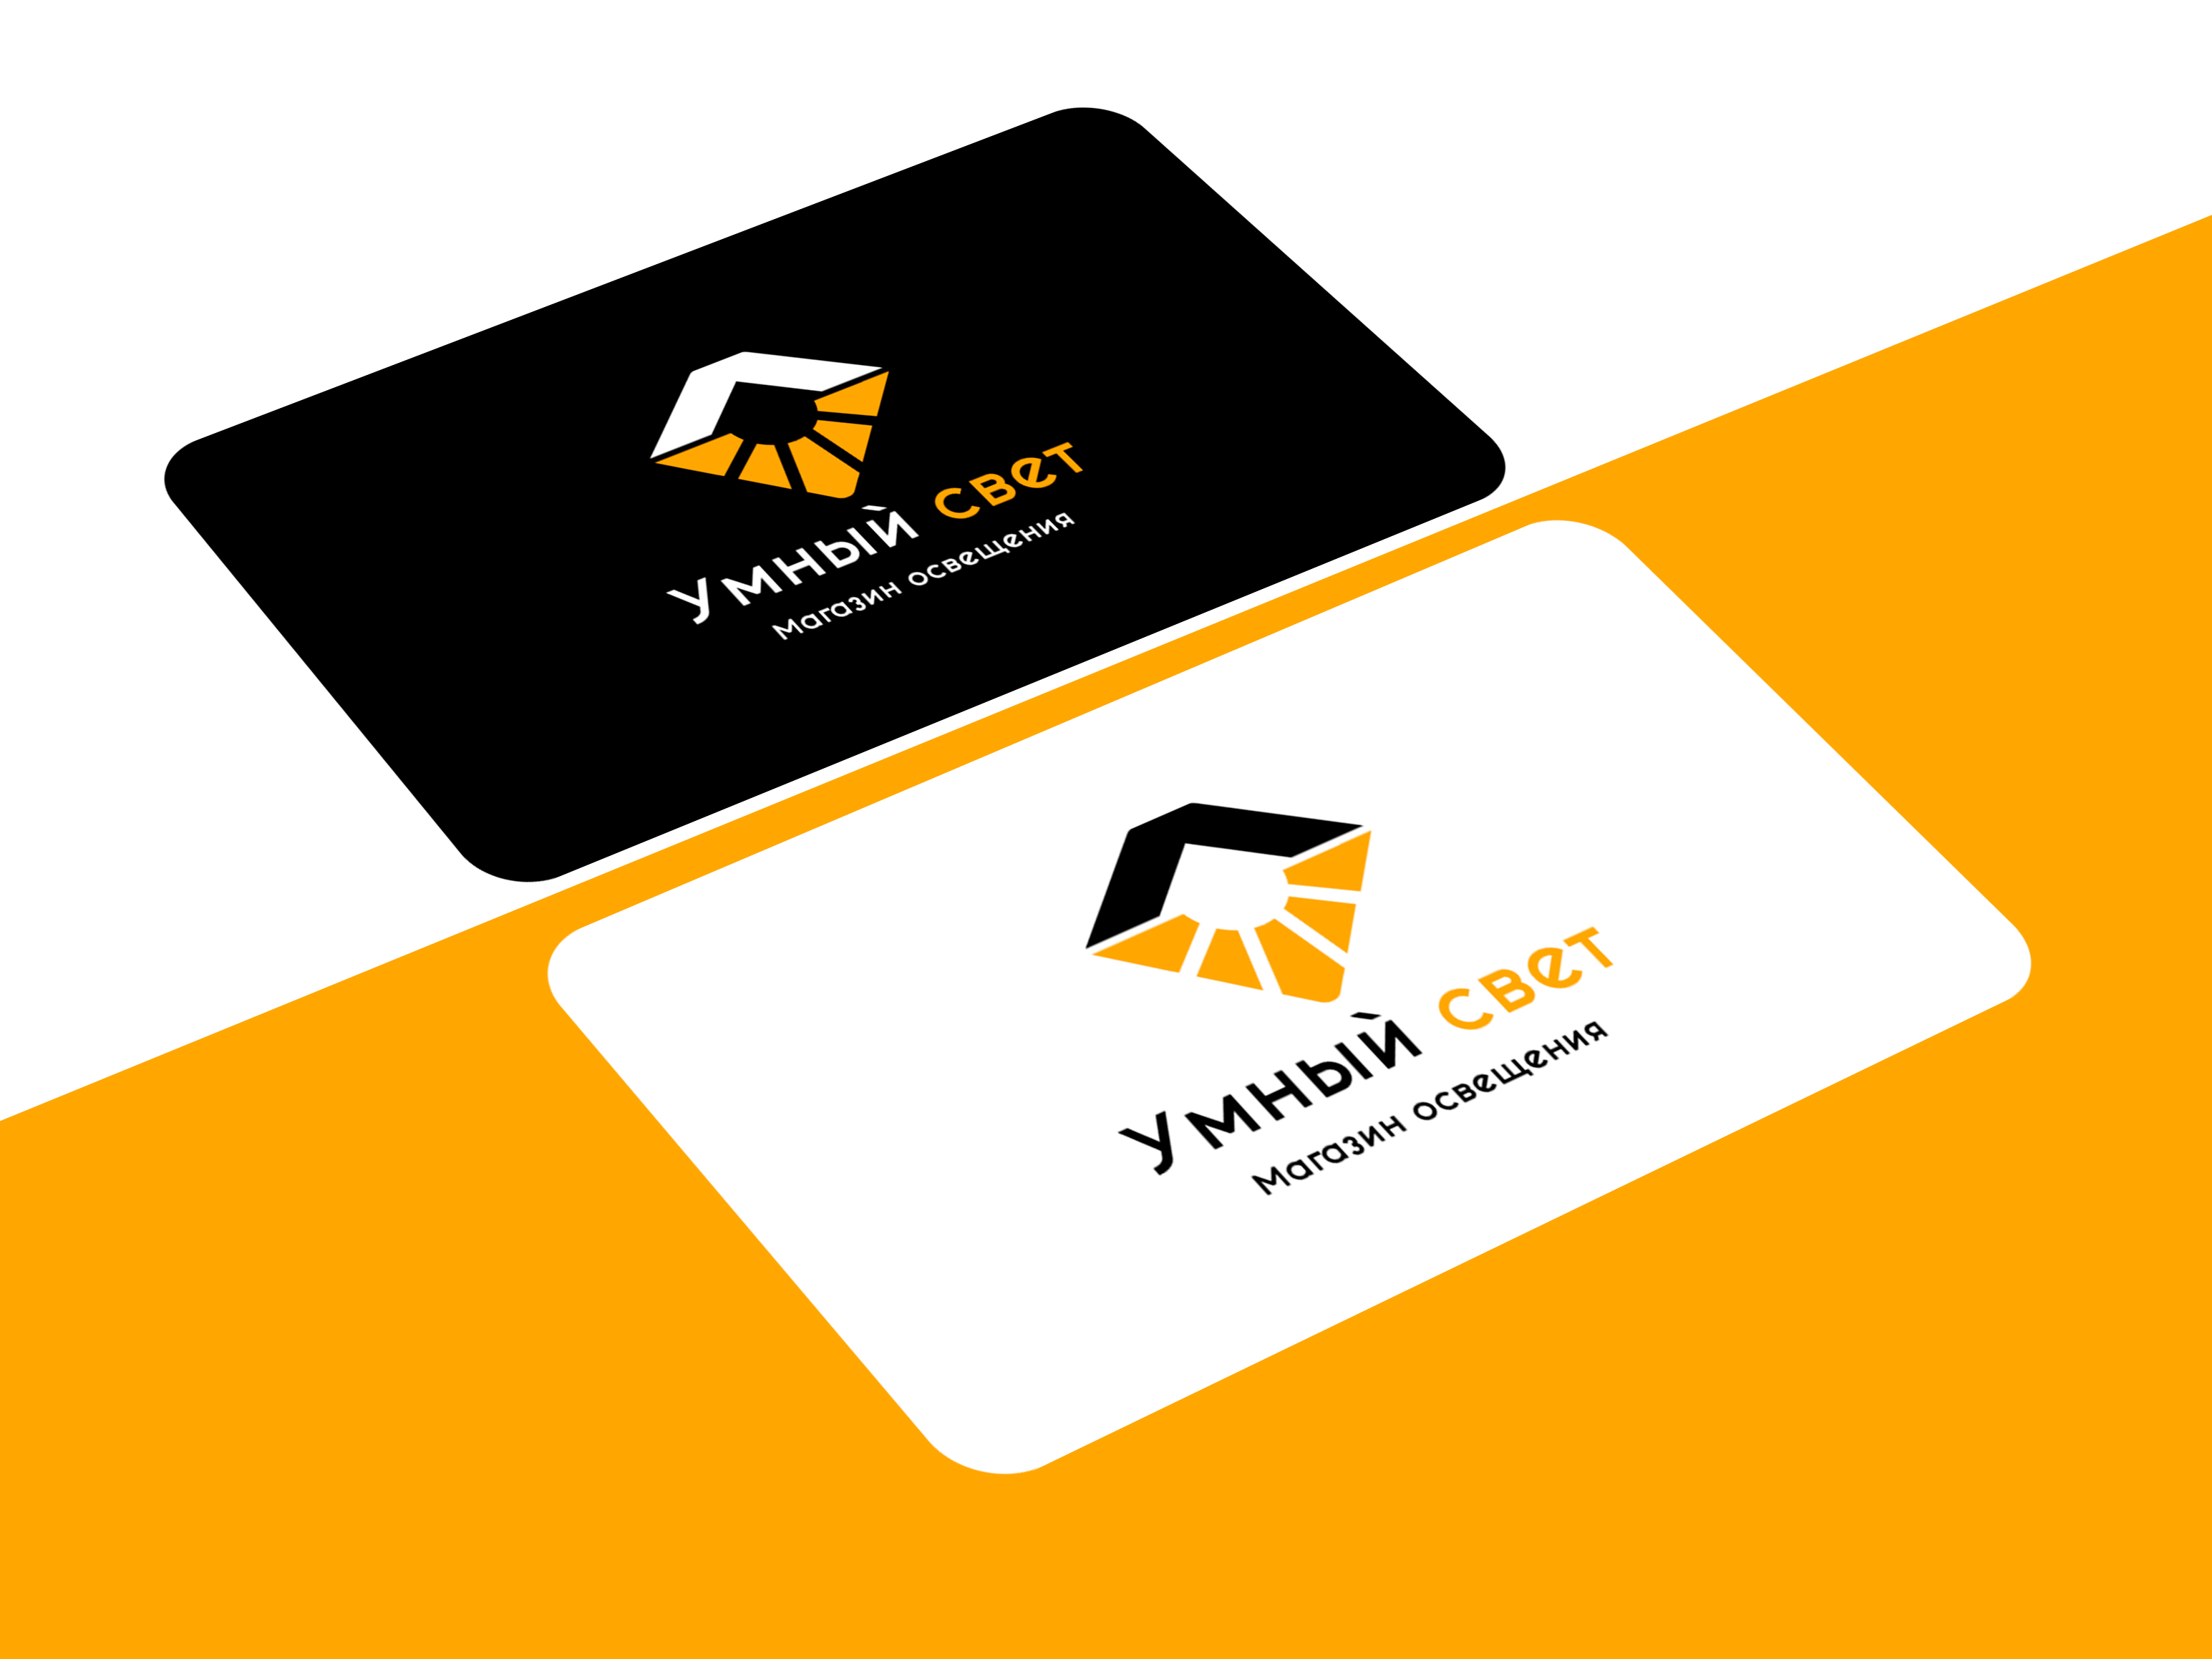 Логотип для салон-магазина освещения фото f_0145cff6169a6a10.jpg